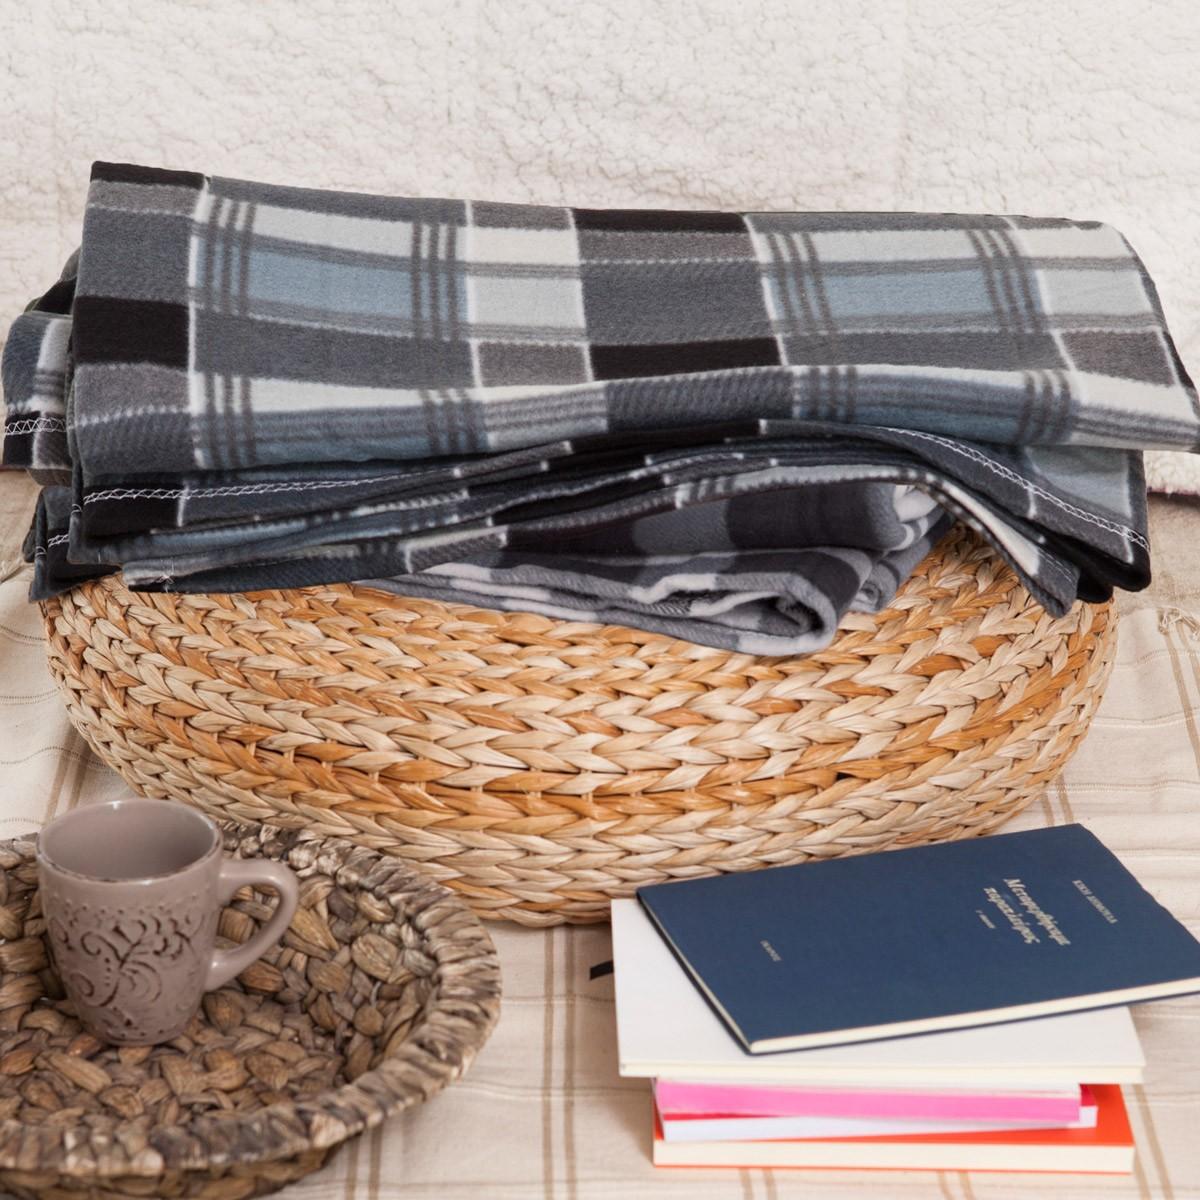 Κουβέρτα Fleece Διπλή Melinen Checked Grey home   κρεβατοκάμαρα   κουβέρτες   κουβέρτες fleece υπέρδιπλες